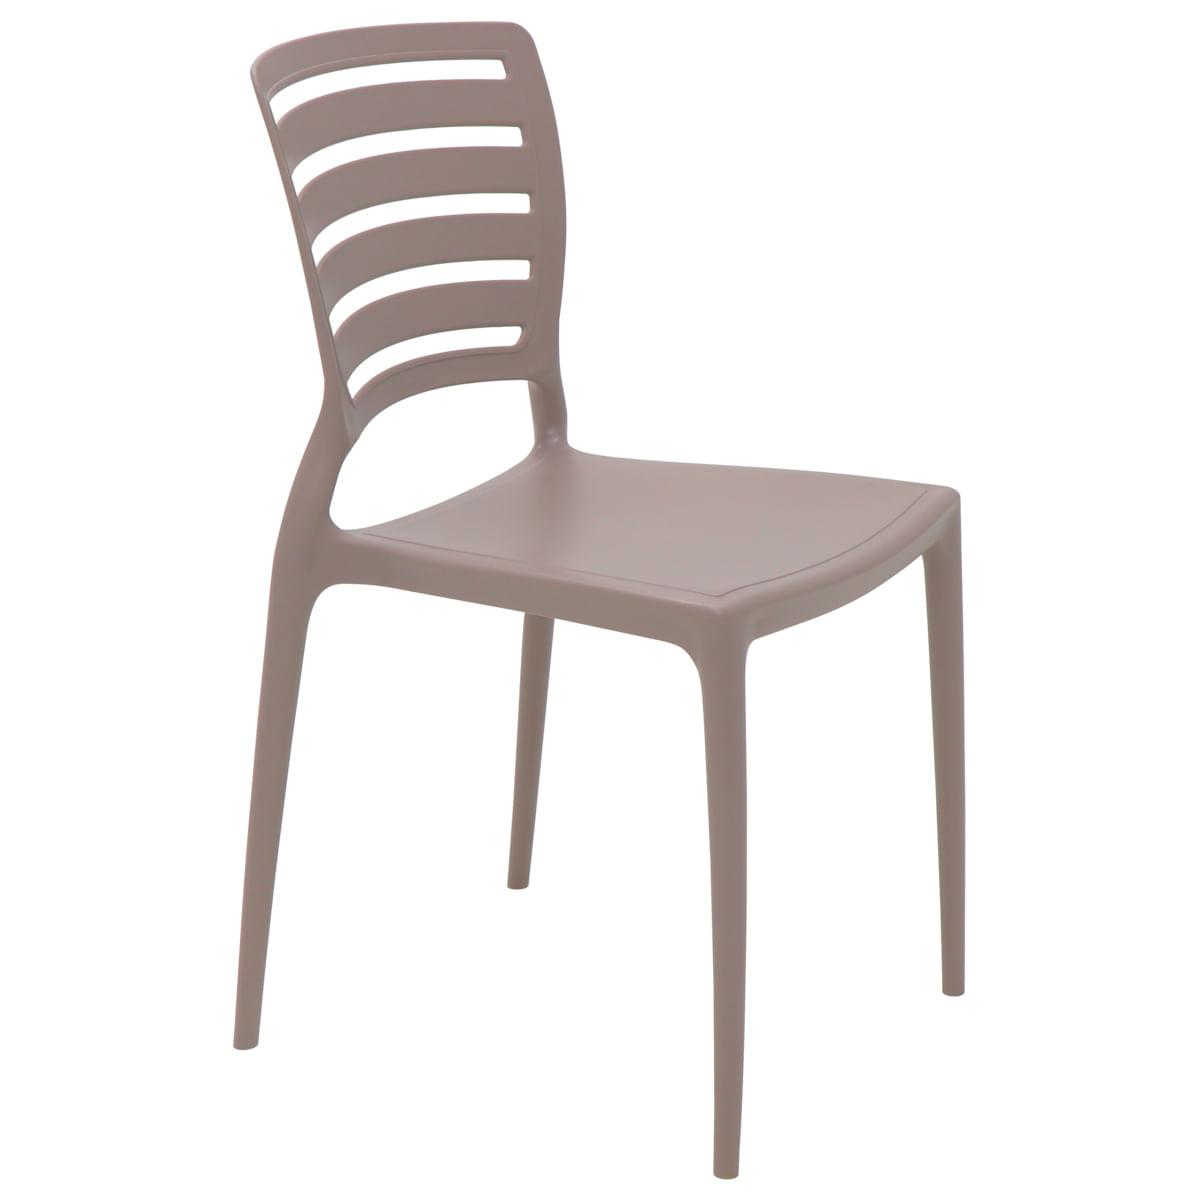 Cadeira Tramontina Sofia Camurça Encosto Vazado Horizontal em Polipropileno e Fibra de Vidro